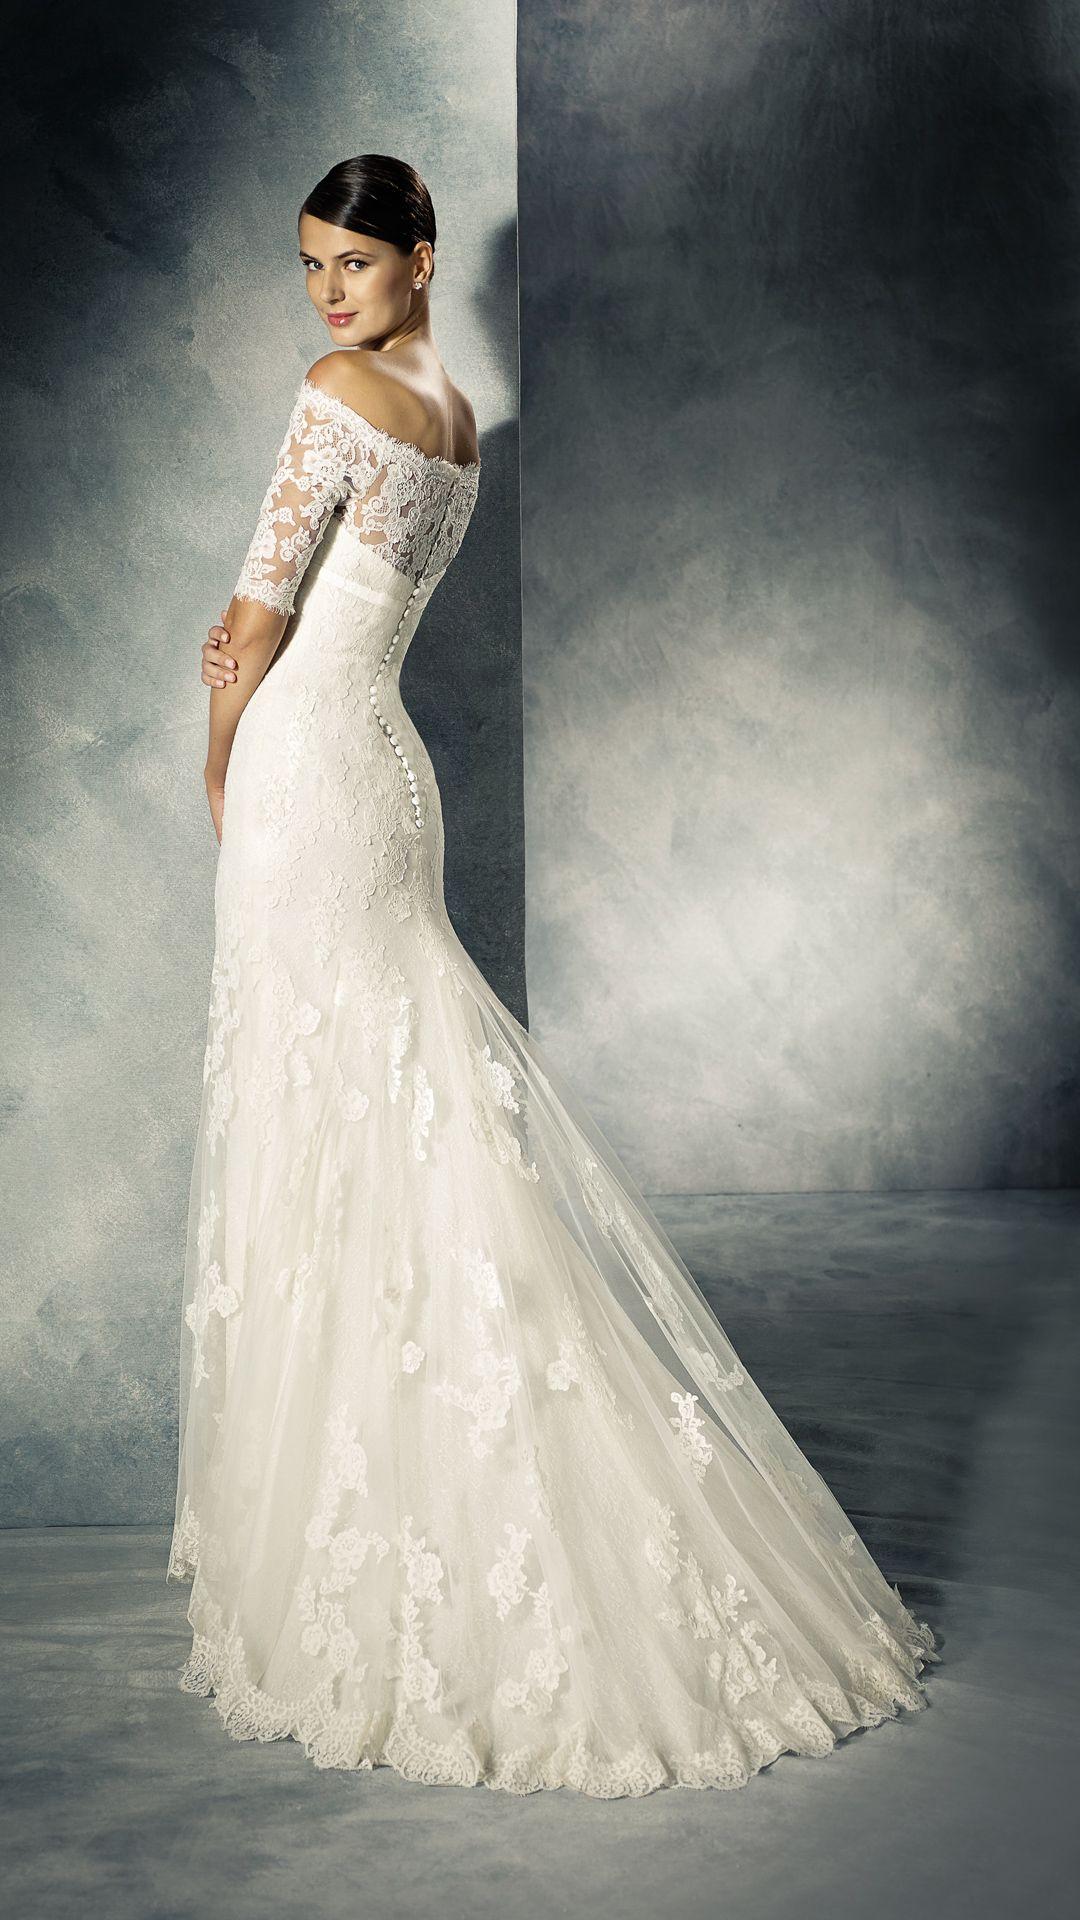 Brautkleid-White-One-Kollektion-Modell-JENNIFER-C  Kleid hochzeit